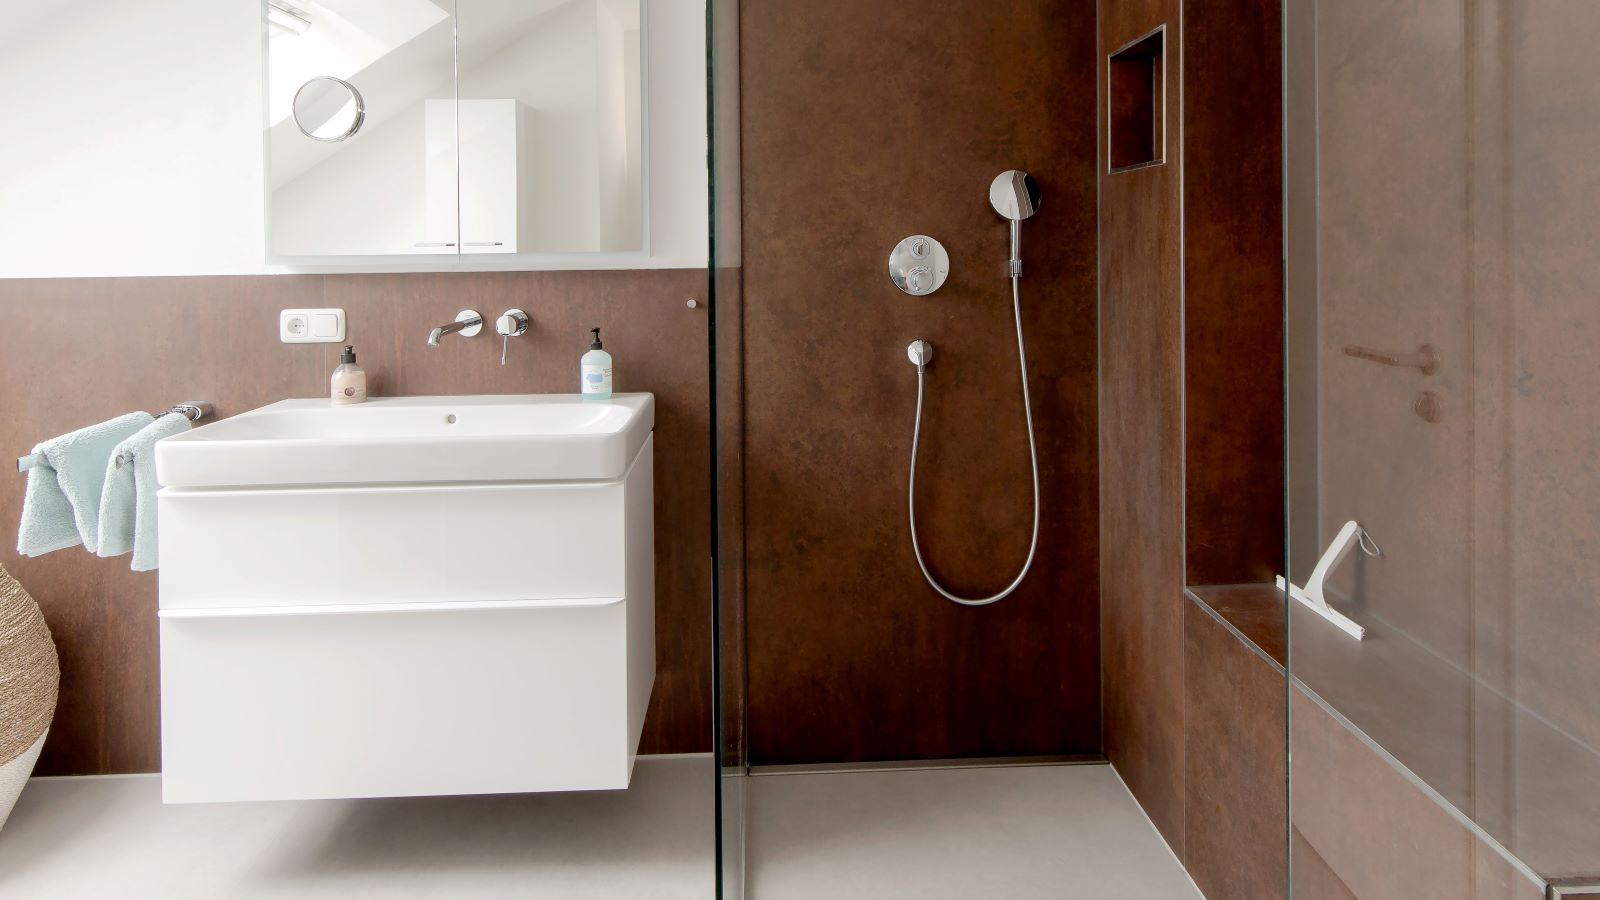 Abgebildet ist eine bodengleiche, pflegeleichte dusche mit wandbuendiger, sehr flacher, hochwertiger v4a edelstahl-duschrinne pro massanfertigung. Die sehr hohe ablaufleistung und dezente optik der duschrinne pro sind vorteilhaft fuer die optimale gestaltung dieser traumdusche mit grossformatigen fliesen und transparenter ganzglas-duschwand. Hier wurden 1 x 1 m xxl-bodenfliesen und 1 x 3 m xxl-wandfliesen verwendet, um die barrierefreie walk-in-dusche modern und pflegeleicht zu gestalten. Durch die unauffaellige, wandbuendig eingebaute duschrinne pro ist ein einseitiges gefaelle in der ebenerdigen dusche moeglich. Dieses modernisierte bad mit xxl-fliesen in warmen brauntoenen ist in einem dachgeschoss nach einer altbausanierung entstanden. Auch bei holzbalken und heizungsrohren als hindernisse in der altbaugeschossdecke ist durch die sonderanfertigung der duschrinne pro die optimale variante der duschrinne pro in massgefertigter laenge, nur 40 mm einbauhoehe und freier abflussposition und ablaufrichtung die realisierung der traumdusche der bewohner moeglich.